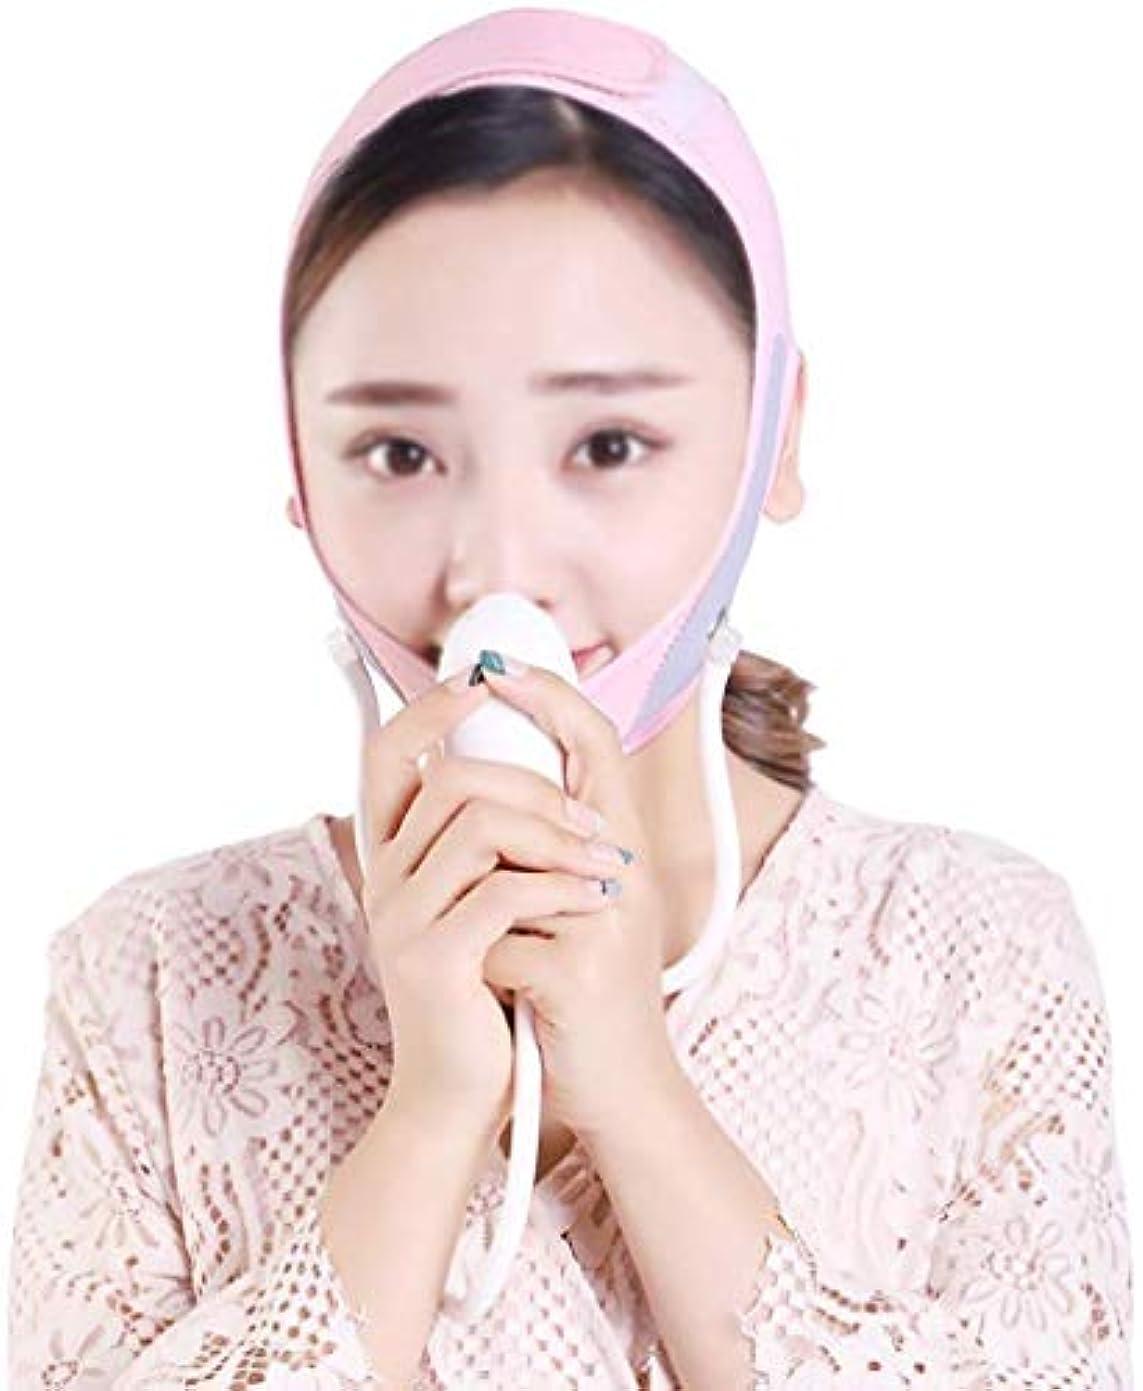 にじみ出るマリンに関して美容と実用的なフェイシャルマスク、インフレータブル調整可能なフェイスリフトアーティファクト包帯をダブルチンリフト会社サイズV顔男性と女性のSlim身ベルト